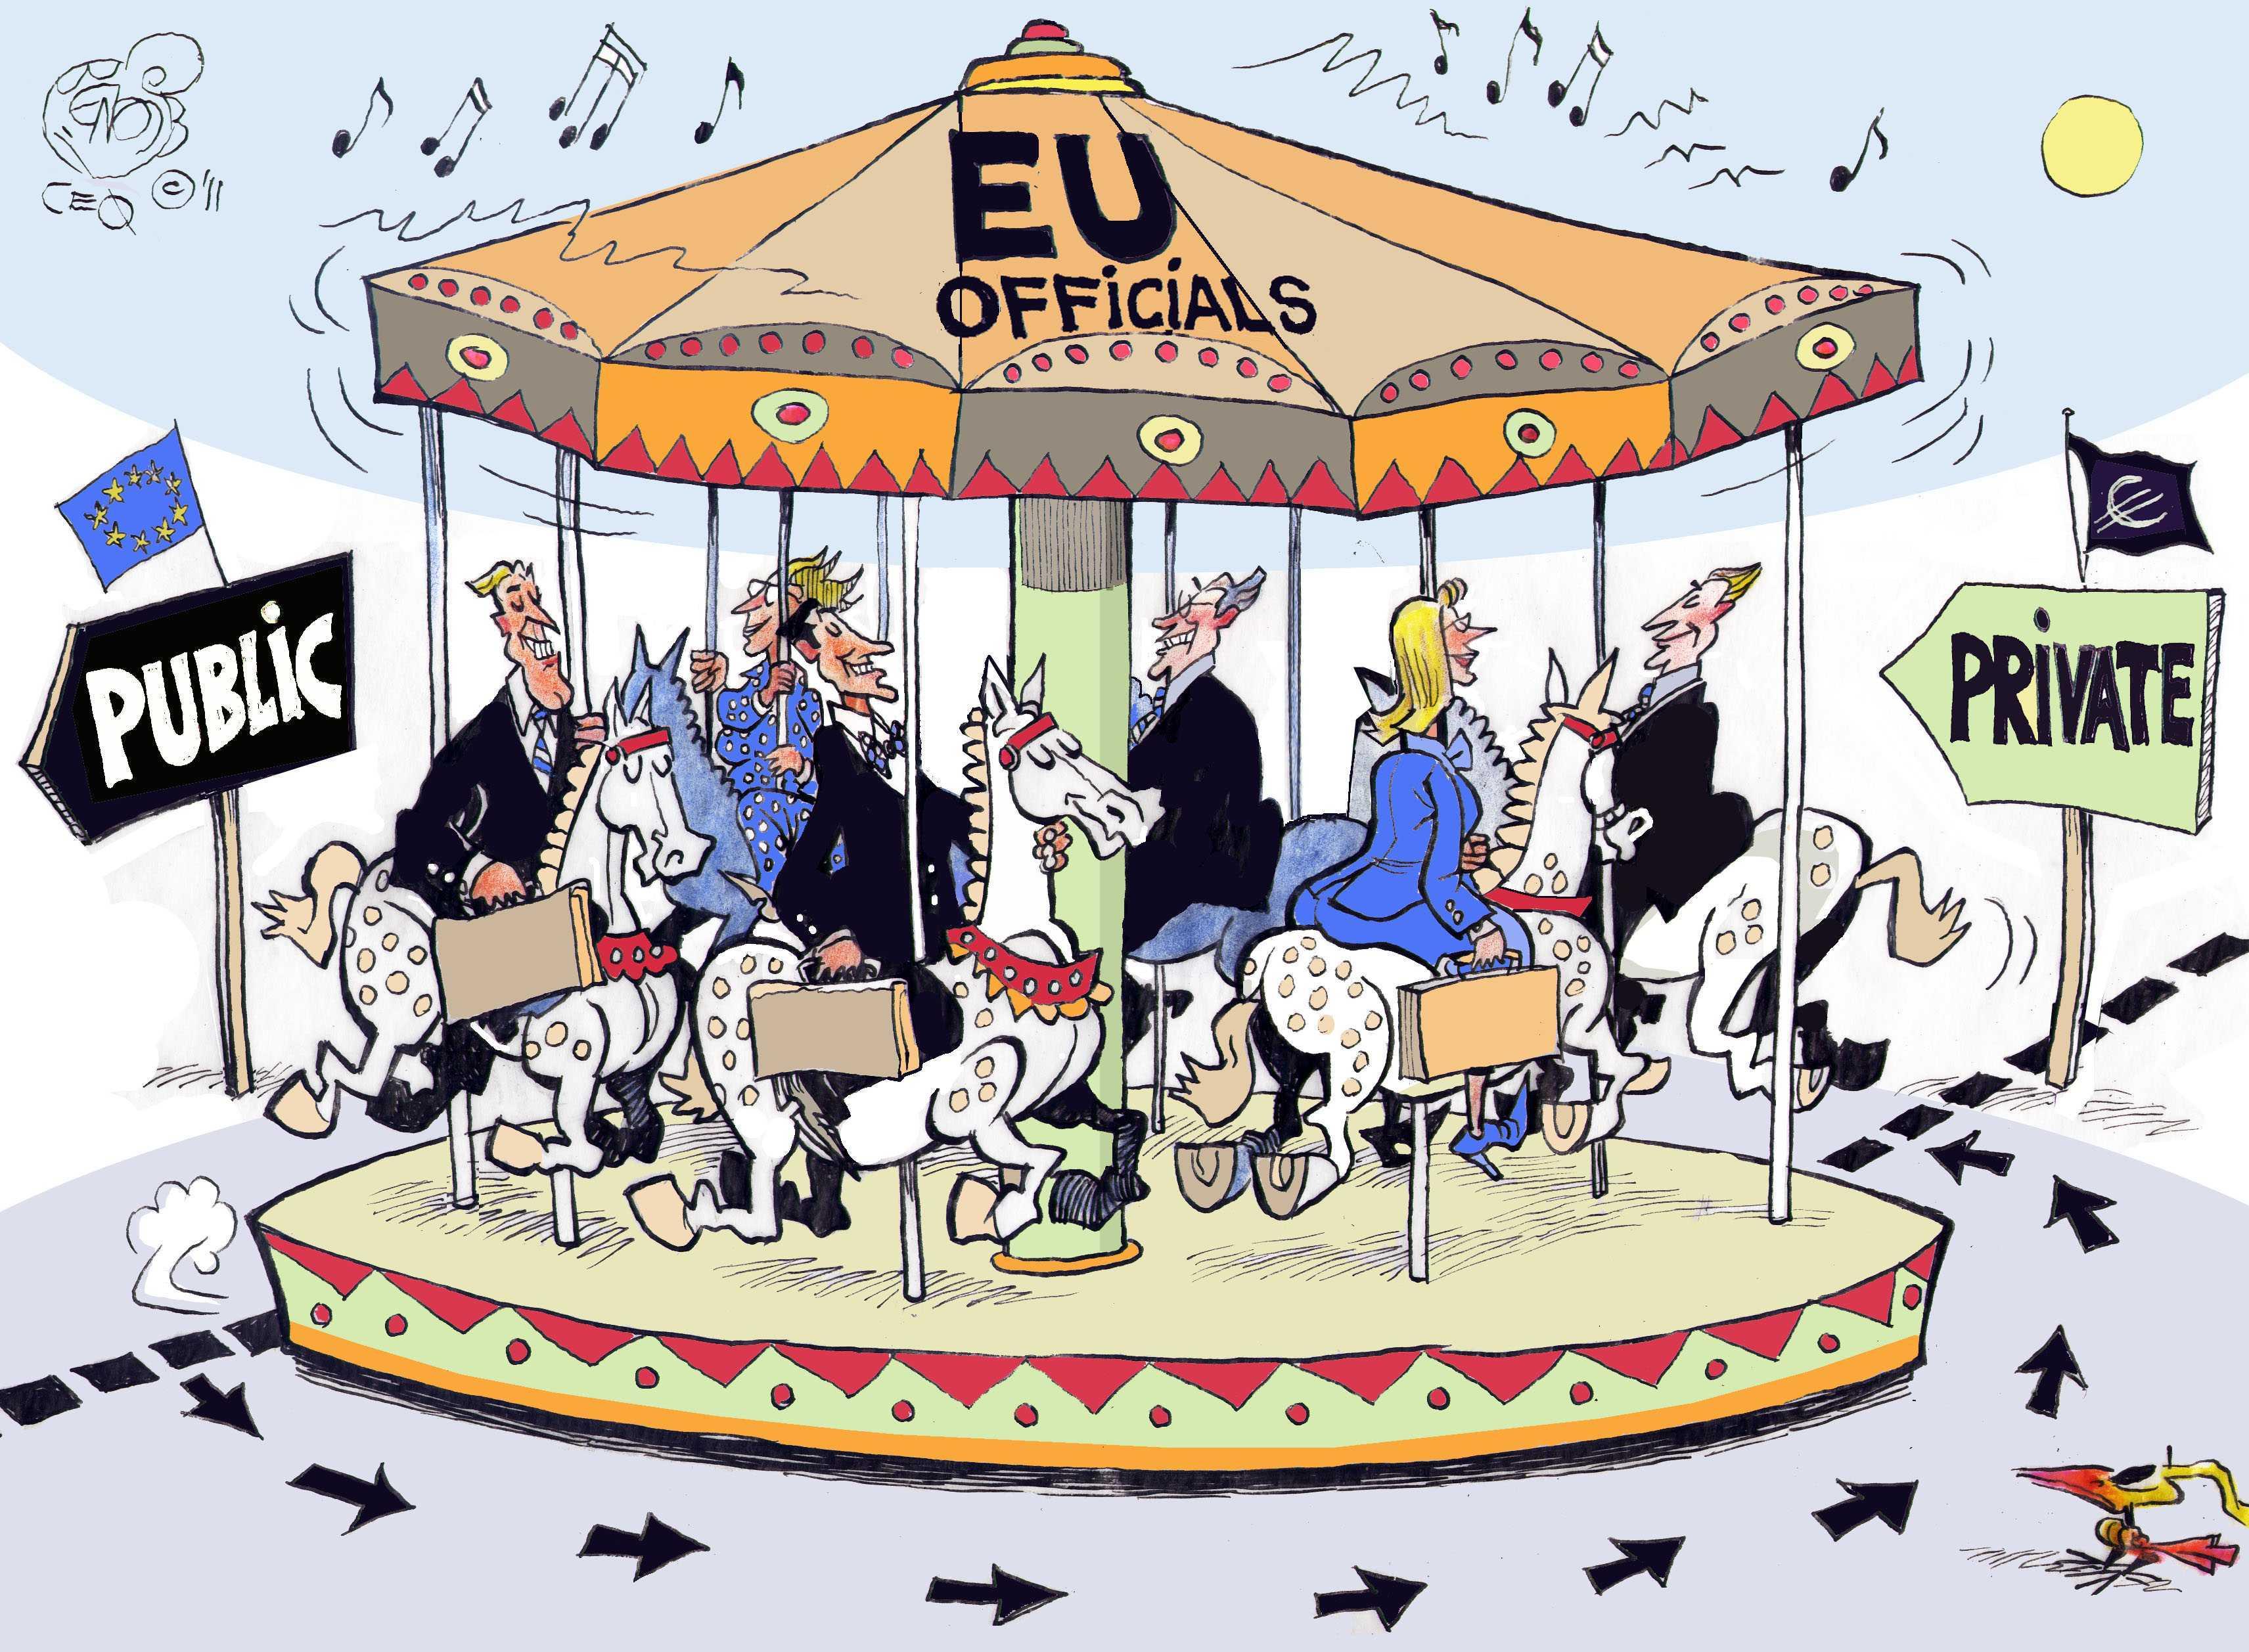 """""""LOVITURA DE STAT"""" EUROCRATA DIN PORTUGALIA/ Comisia Europeana si principiul usii rotative: COMISARII, LOBBYSTI AI MARILOR CORPORATII/ Sensul parteneriatelor trans-atlantice si trans-pacifice: EXTINDEREA MONOPOLURILOR CORPORATISTE"""